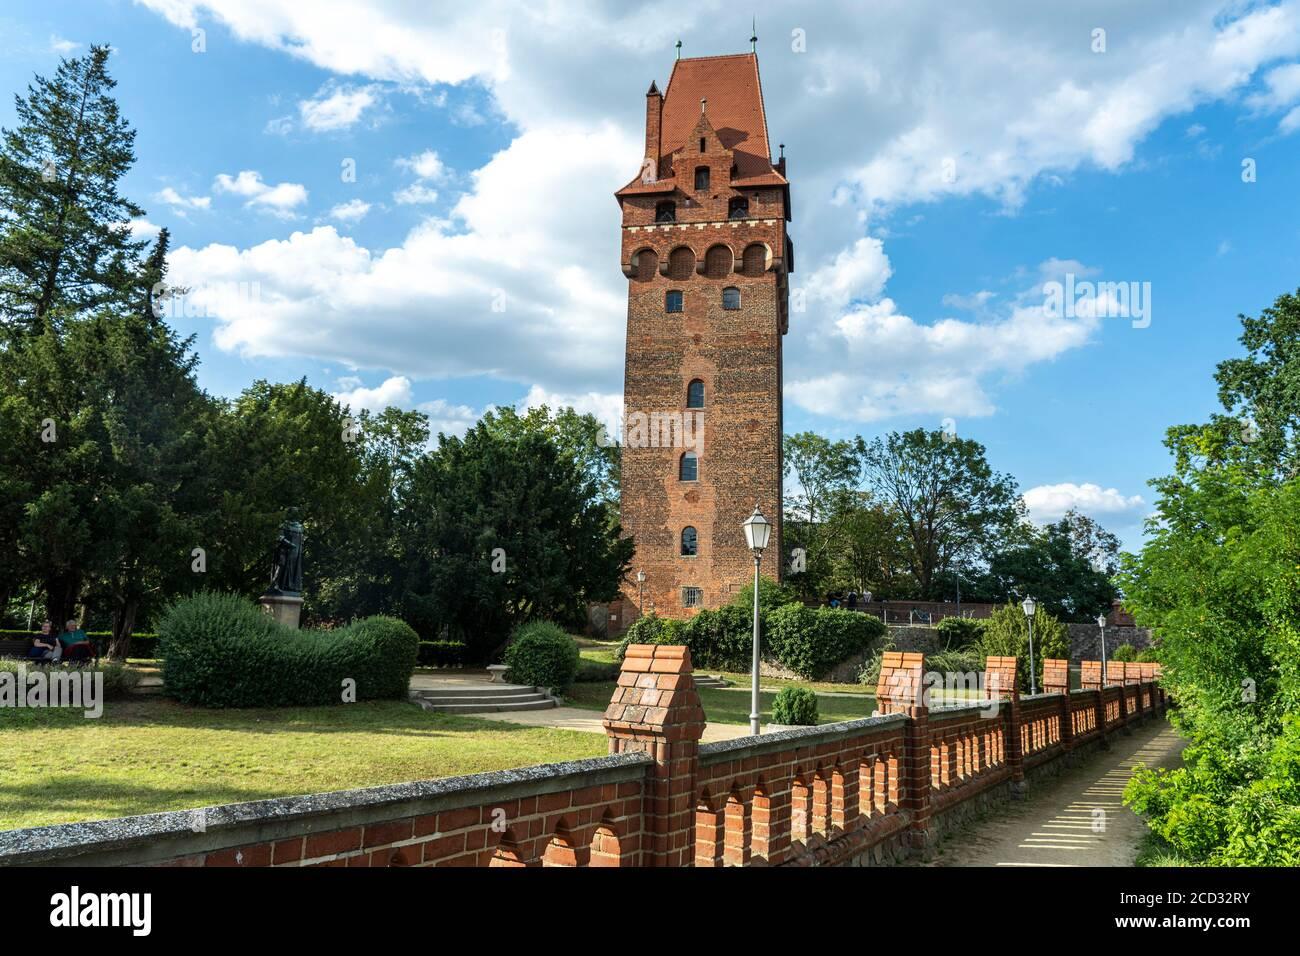 Kapitelturm der Burg Tangermünde, Sachsen-Anhalt, Deutschland    Tangermünde Castle tower, Tangermuende, Saxony-Anhalt, Germany Stock Photo